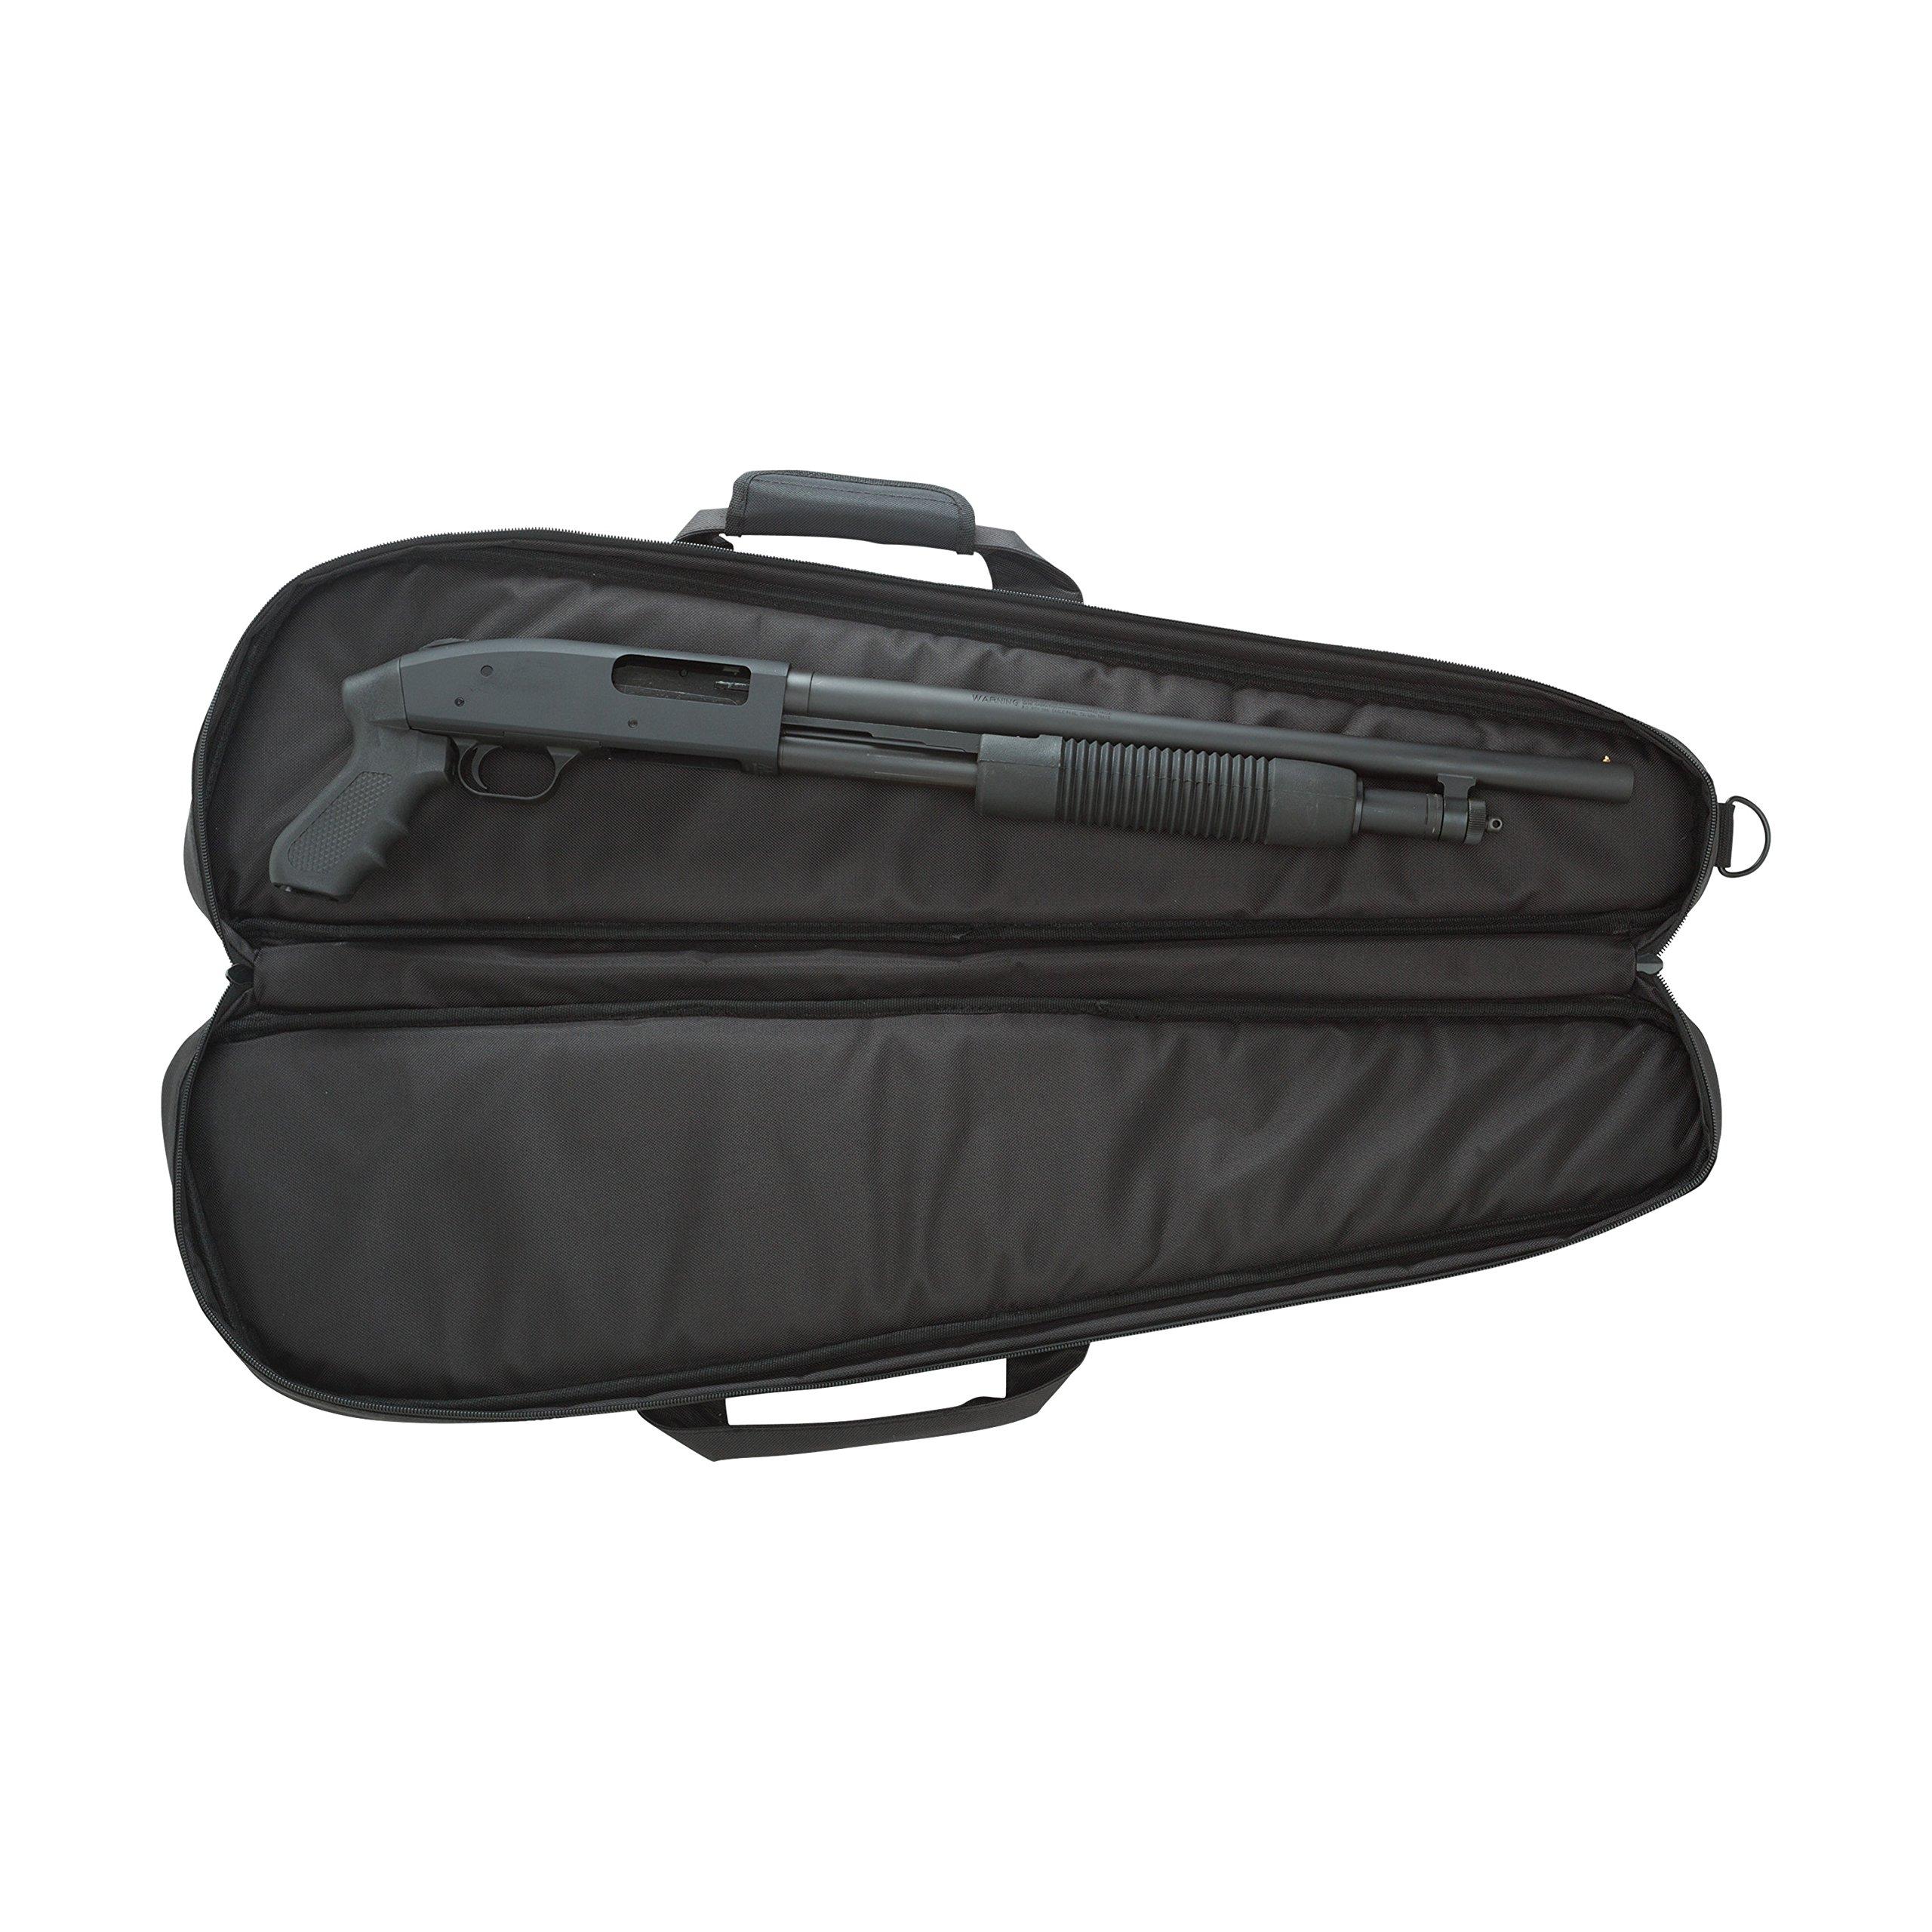 Allen Pistol Grip Shotgun Case, 32'', Black